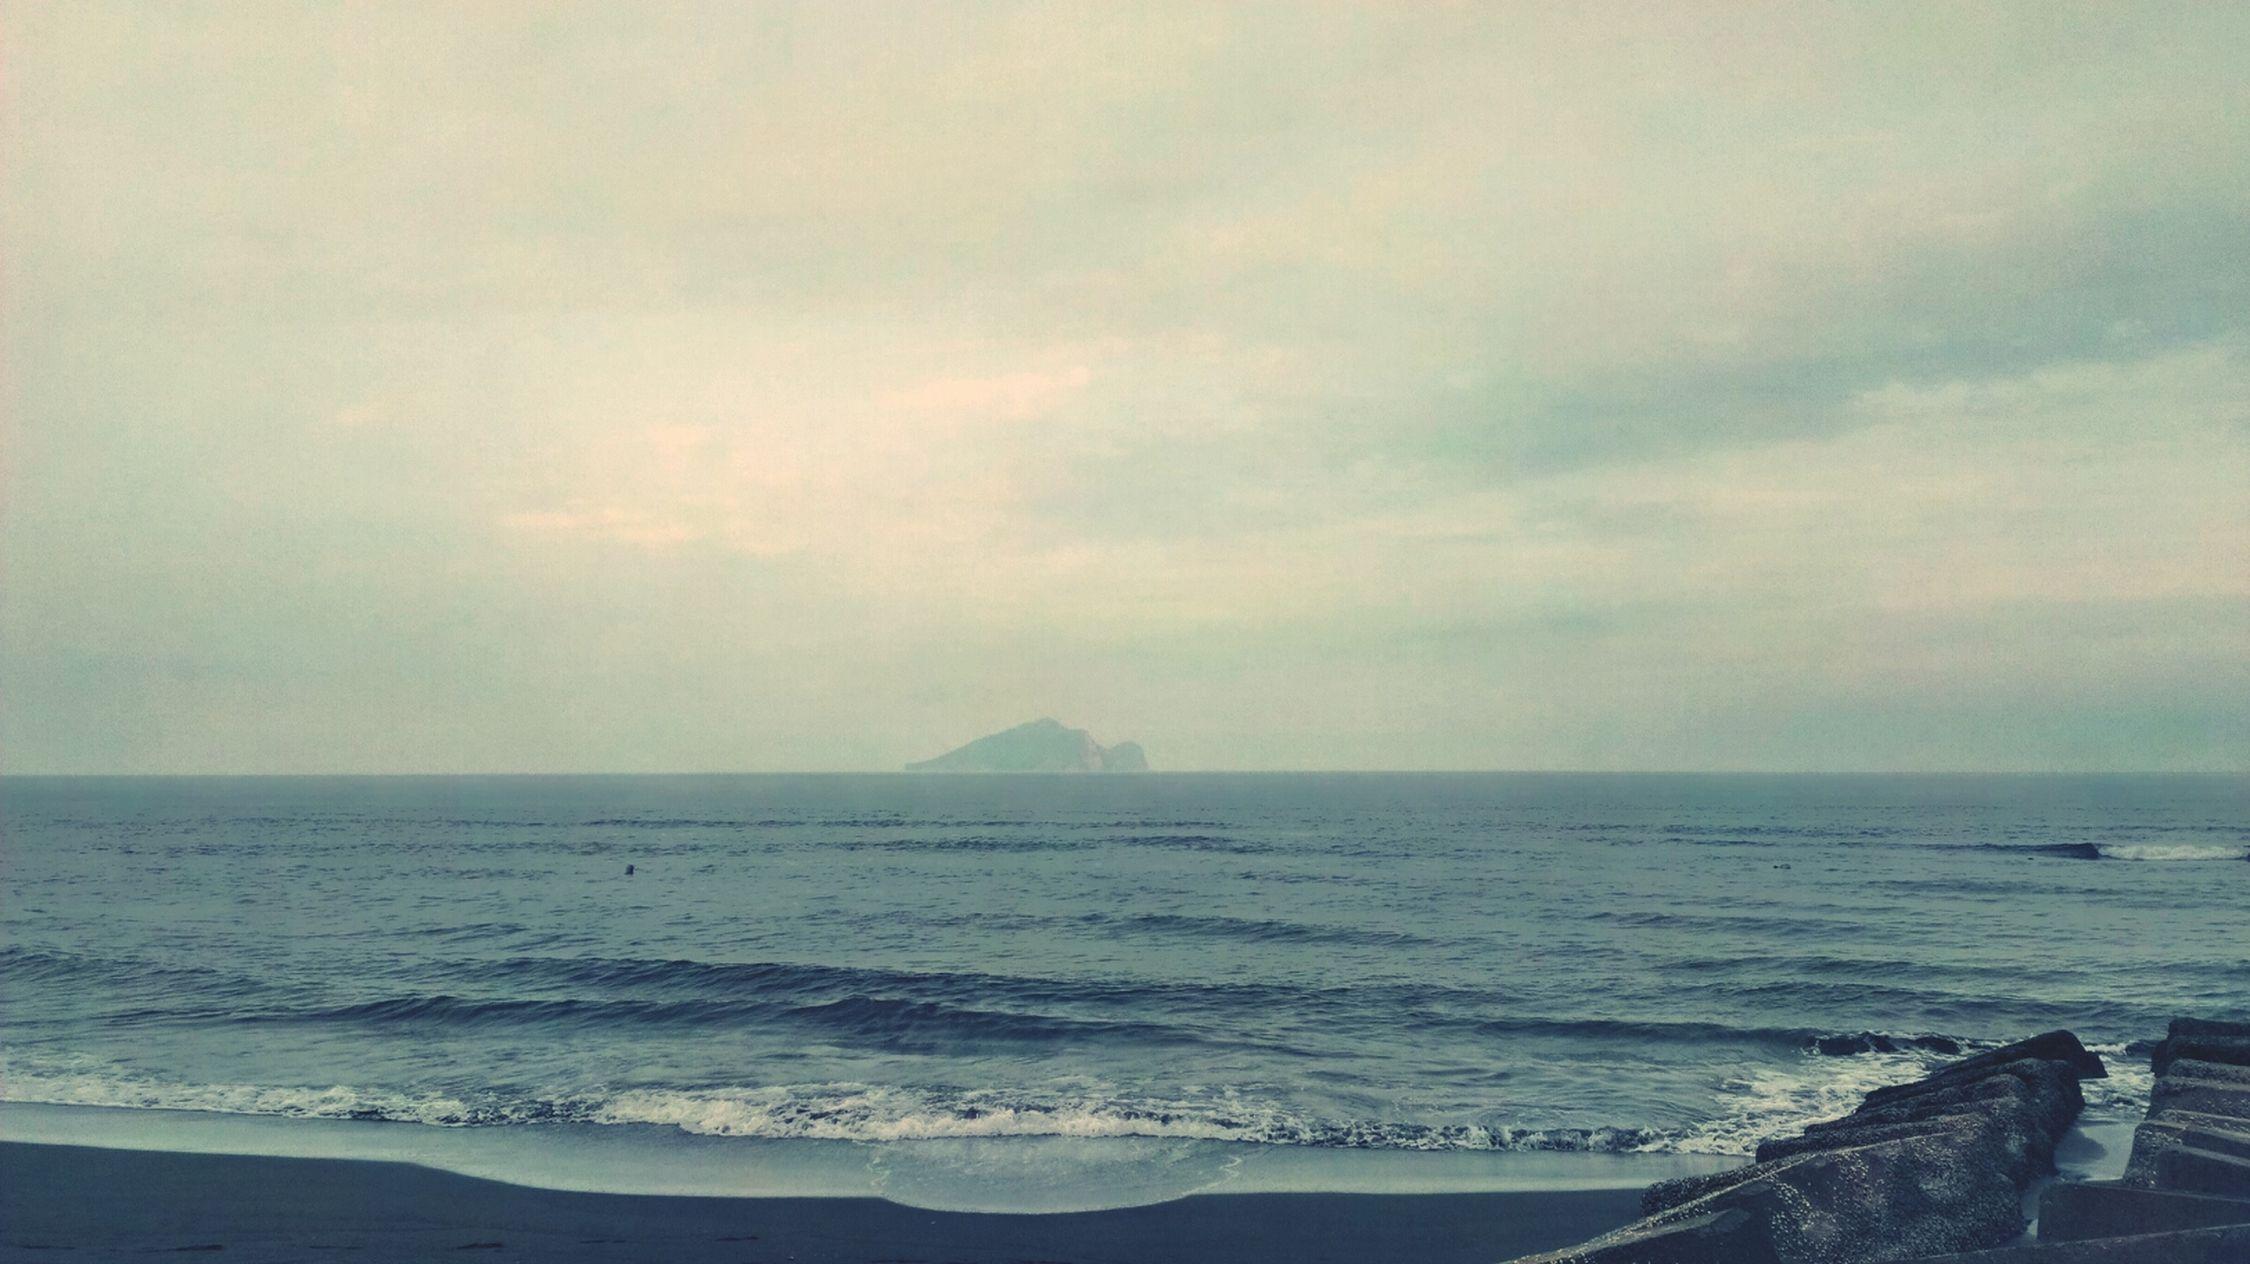 Guishan Island